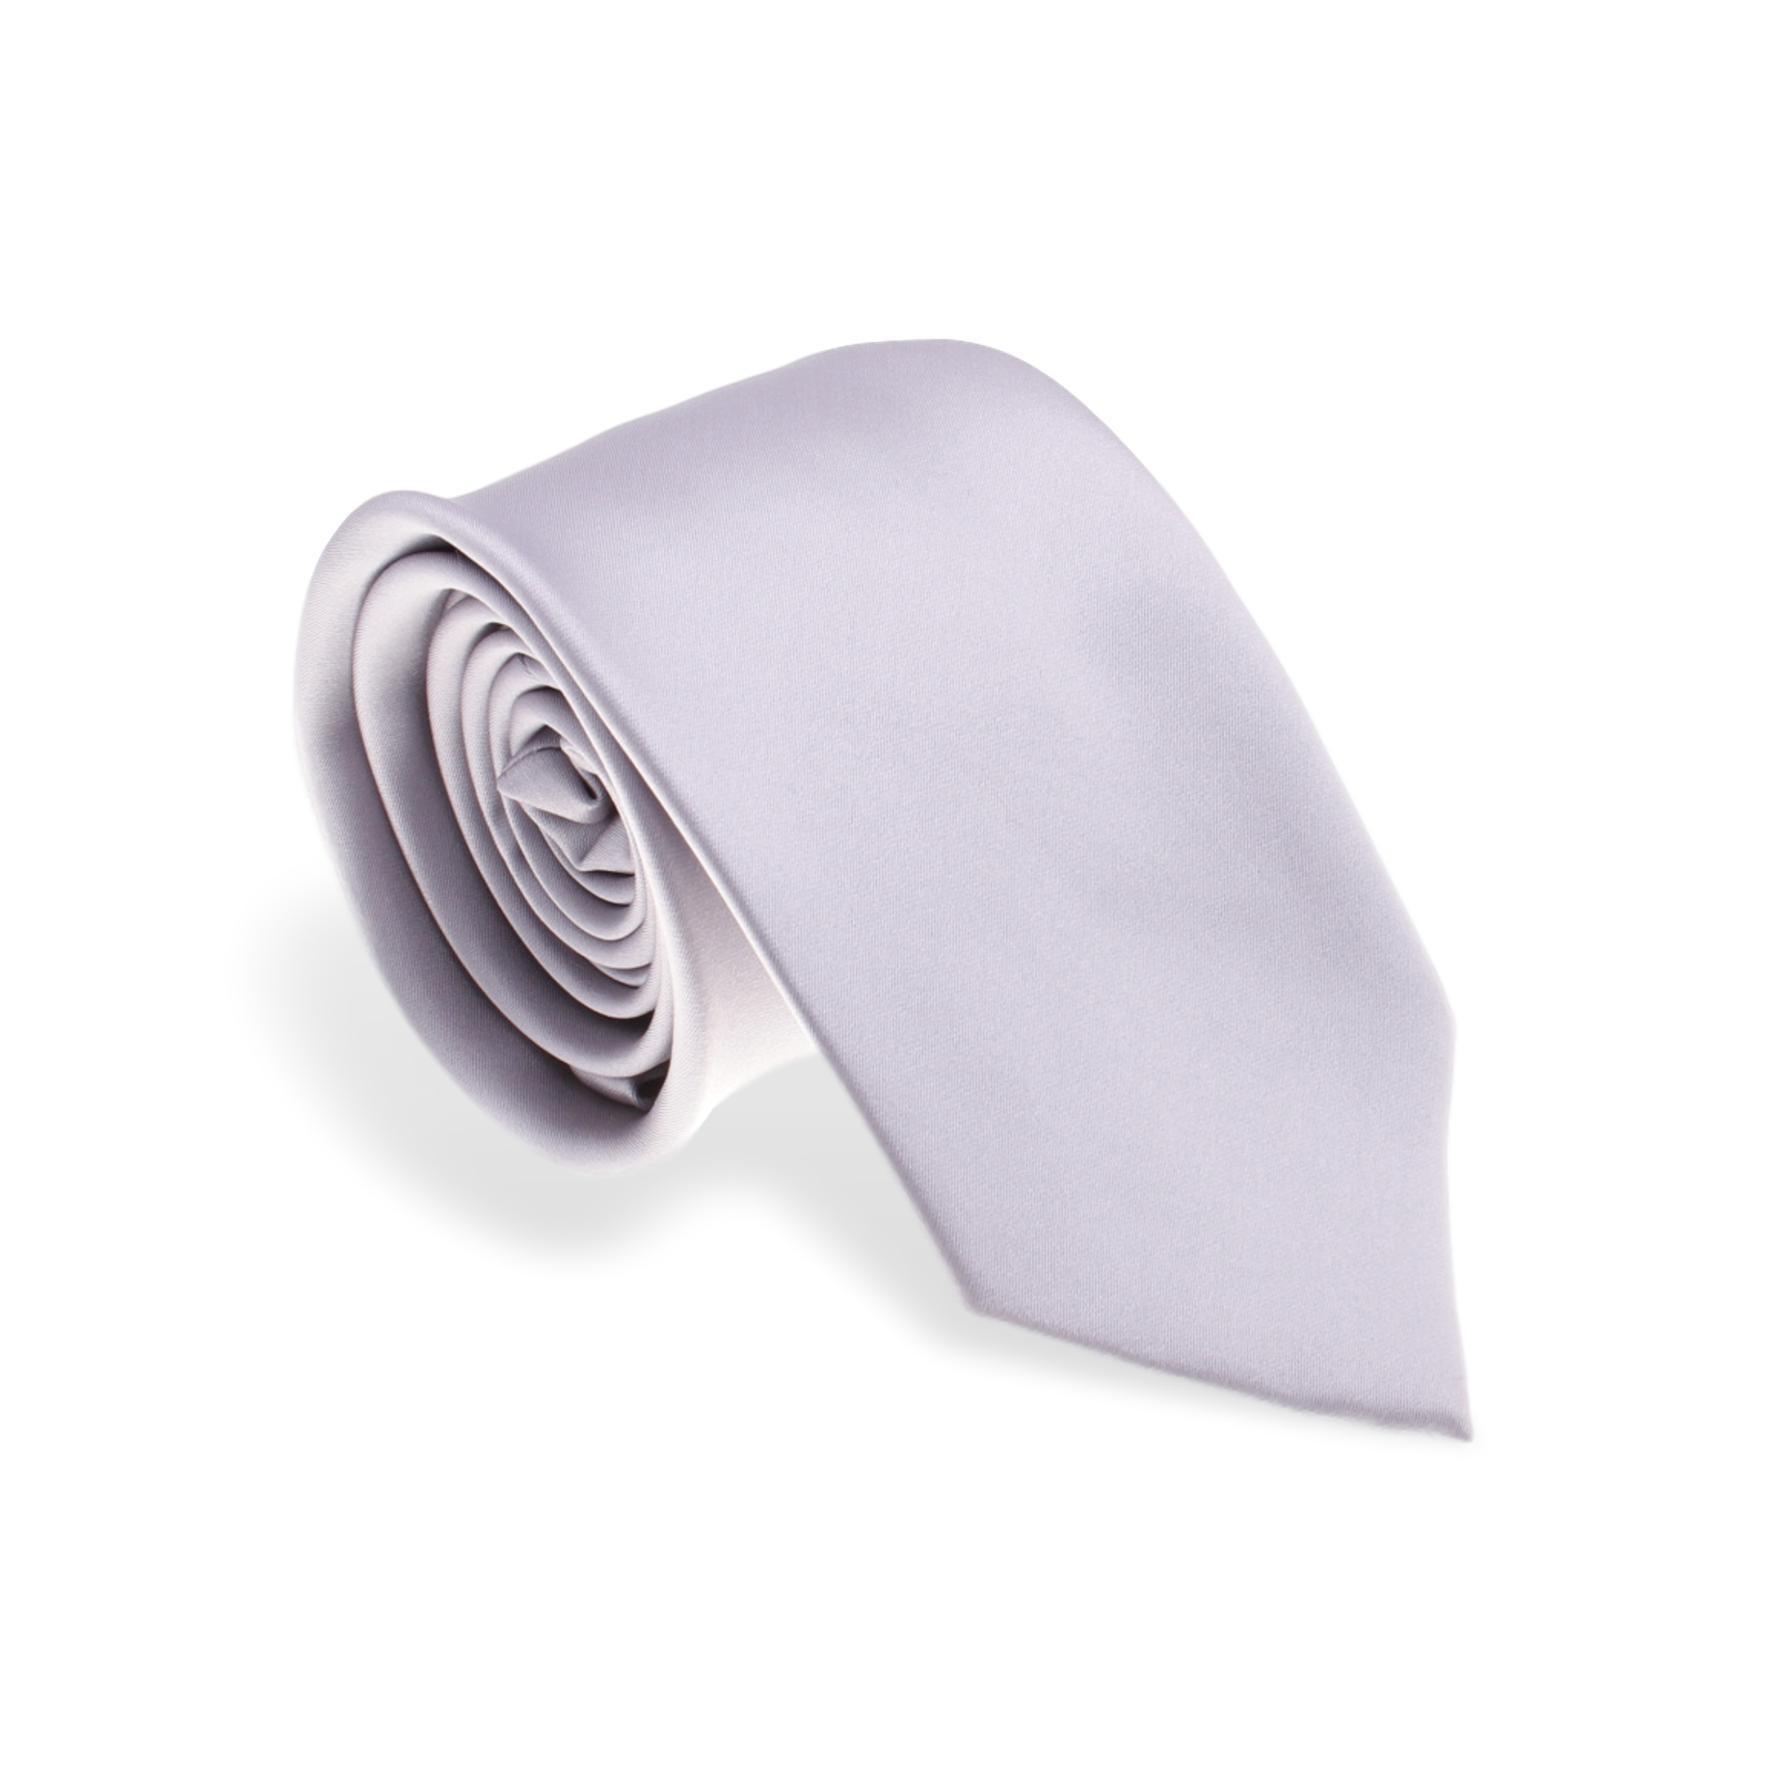 Cravate en Soie : gris clair - Large